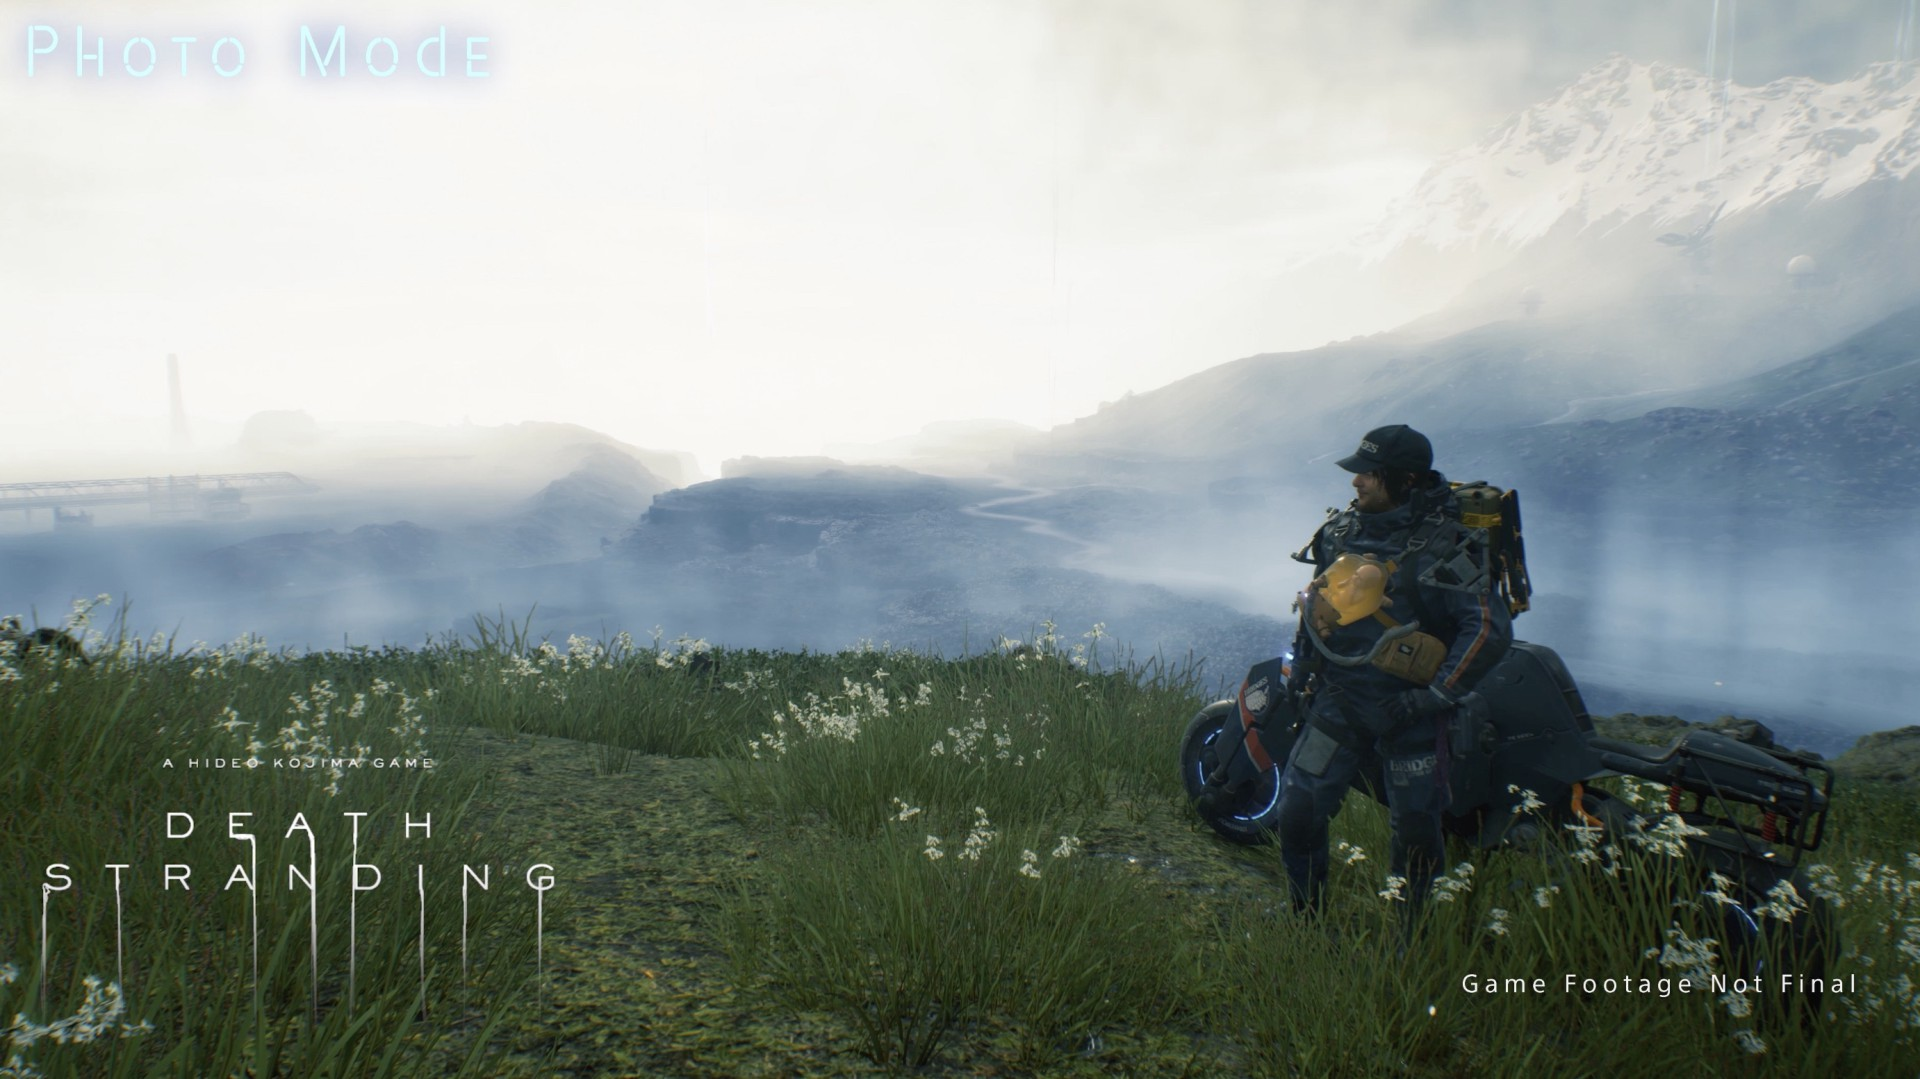 《死亡搁浅》更新下载开放 游戏加入照相模式